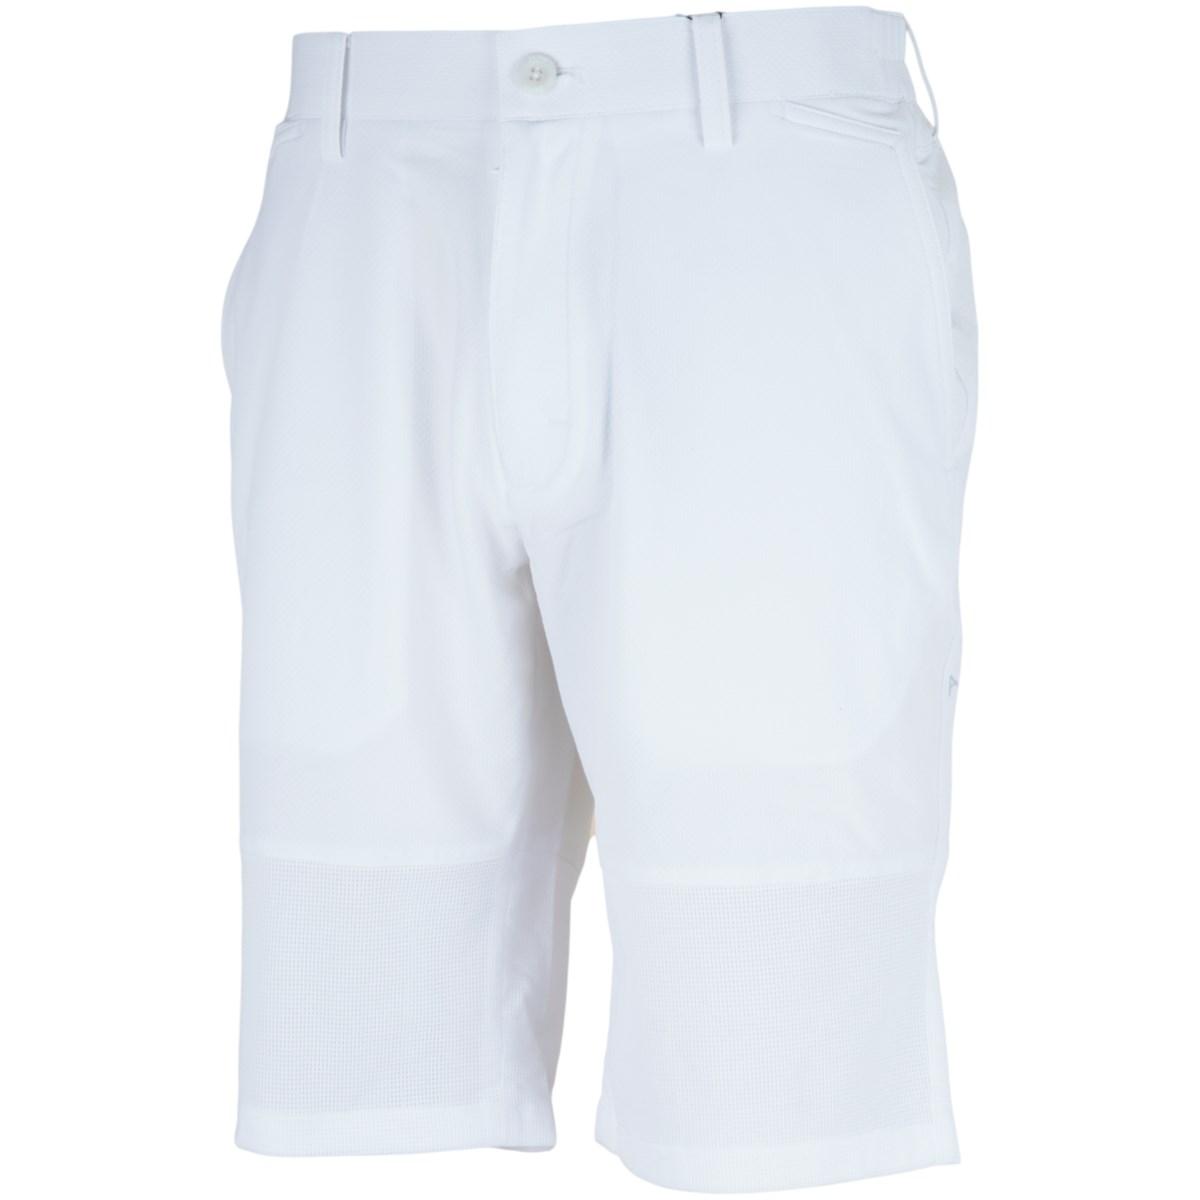 スリクソンゴルフ SRIXON ECO エアスルー ハーフパンツ M ホワイト 00